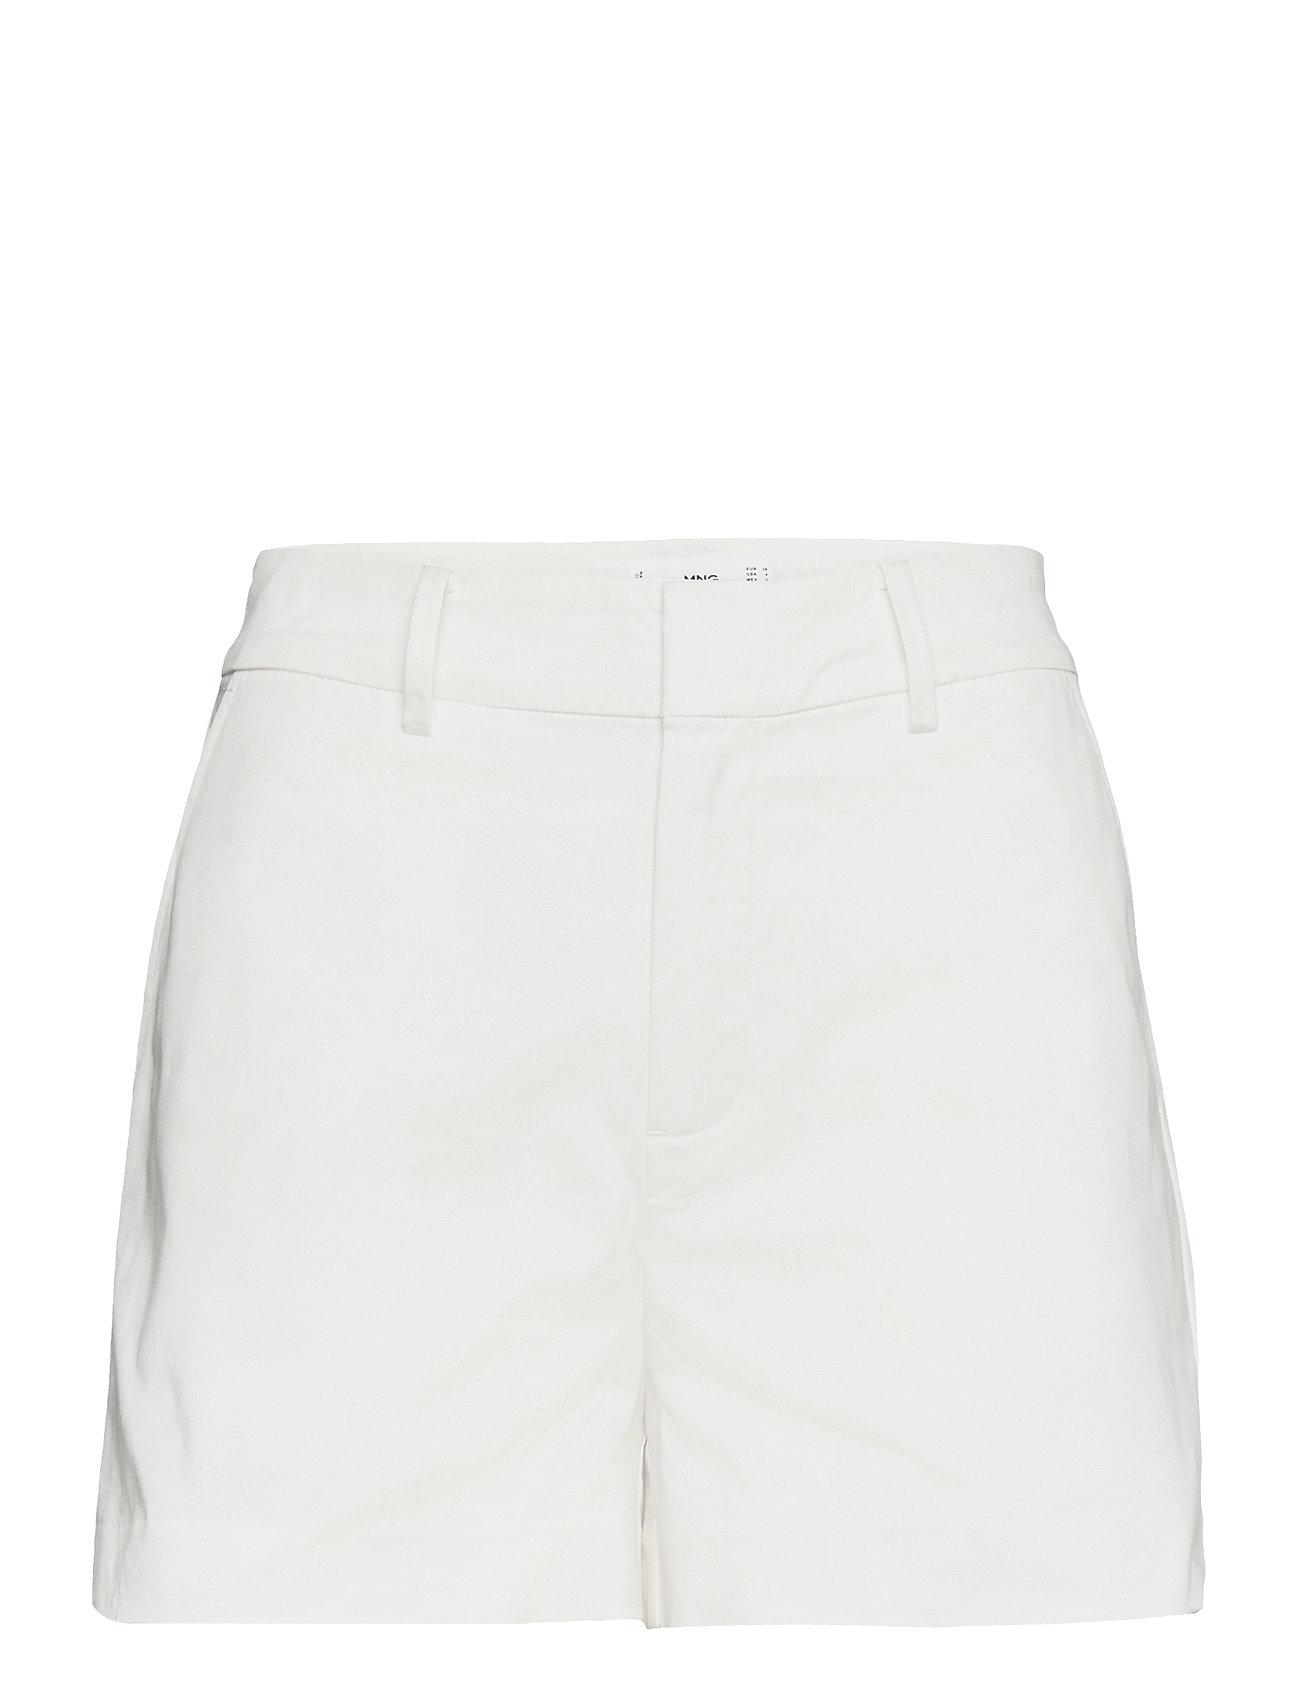 Image of Chino Shorts Chino Shorts Hvid Mango (3533150697)